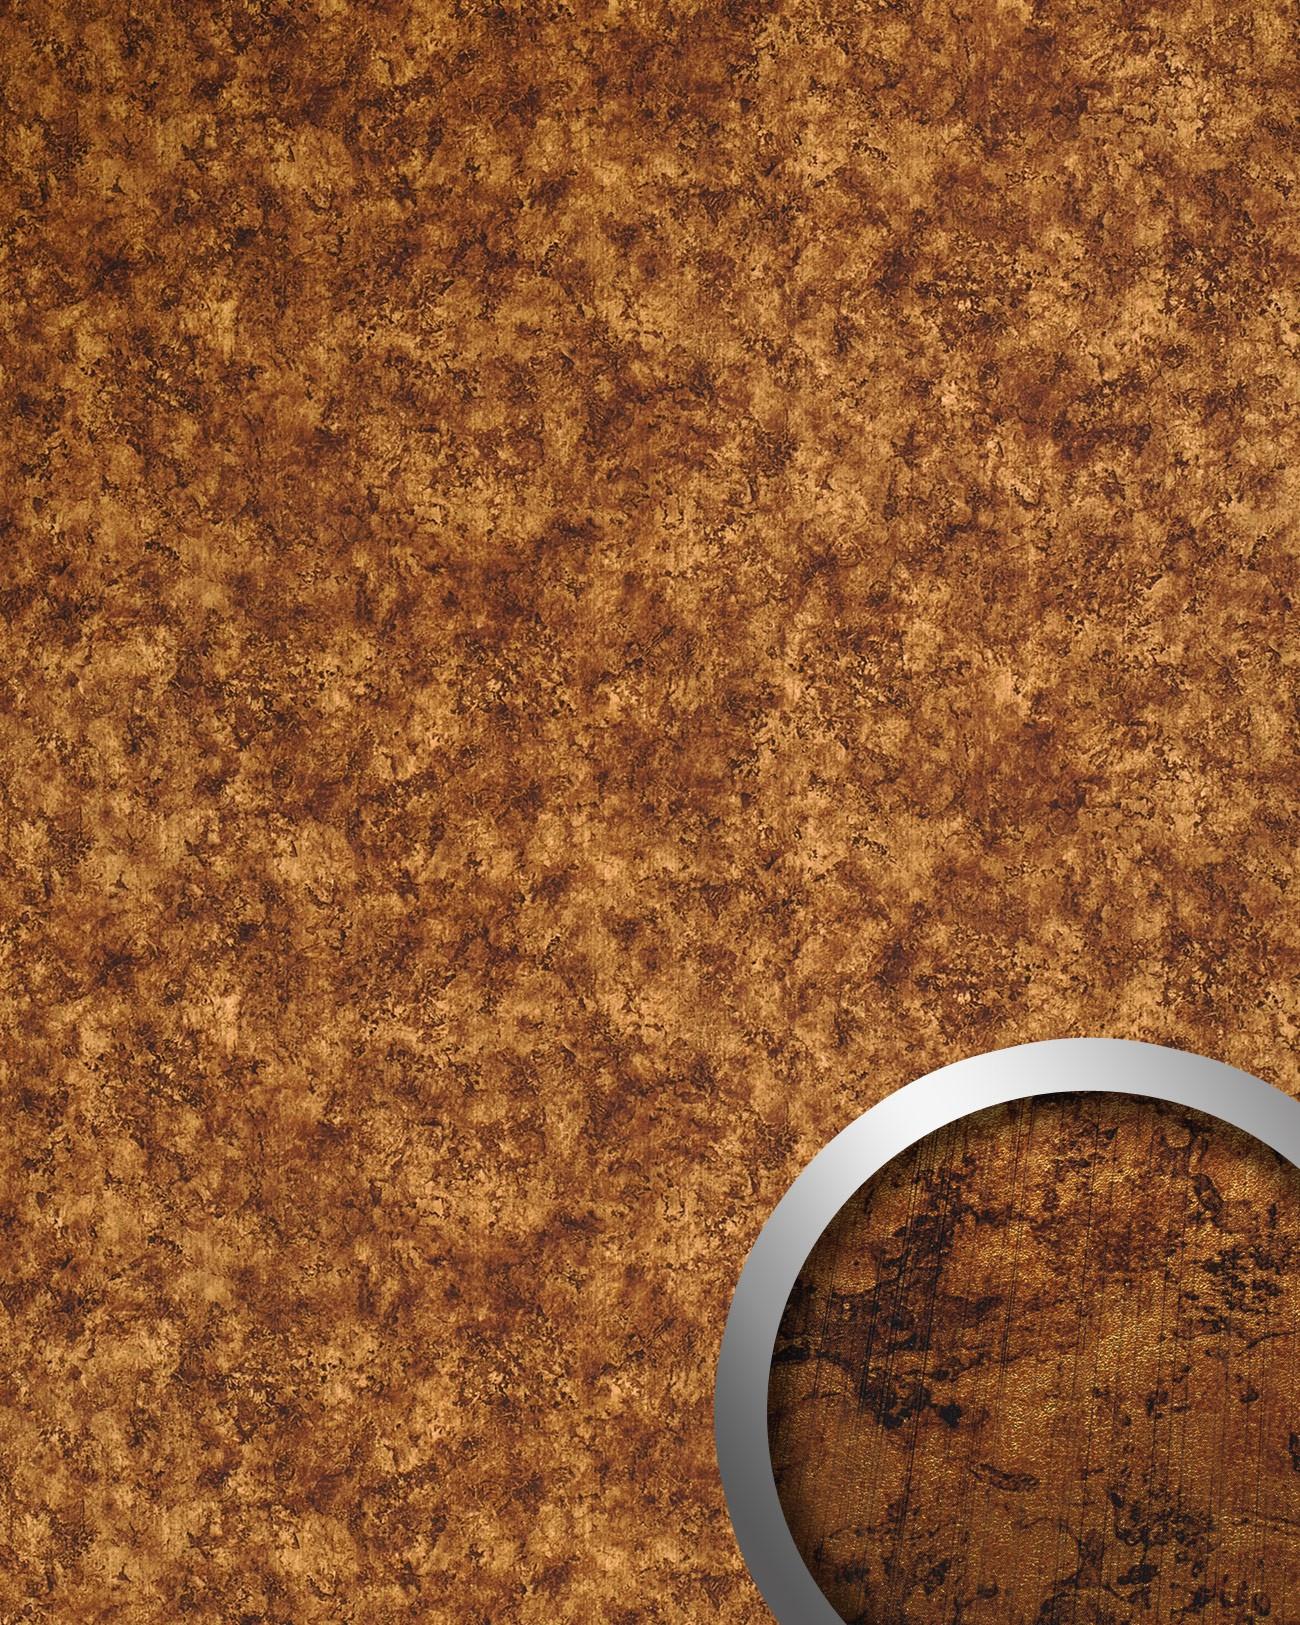 Vintage Wandverkleidung: WallFace 17277 DECO VINTAGE Wandpaneel Metall-Rost-Optik